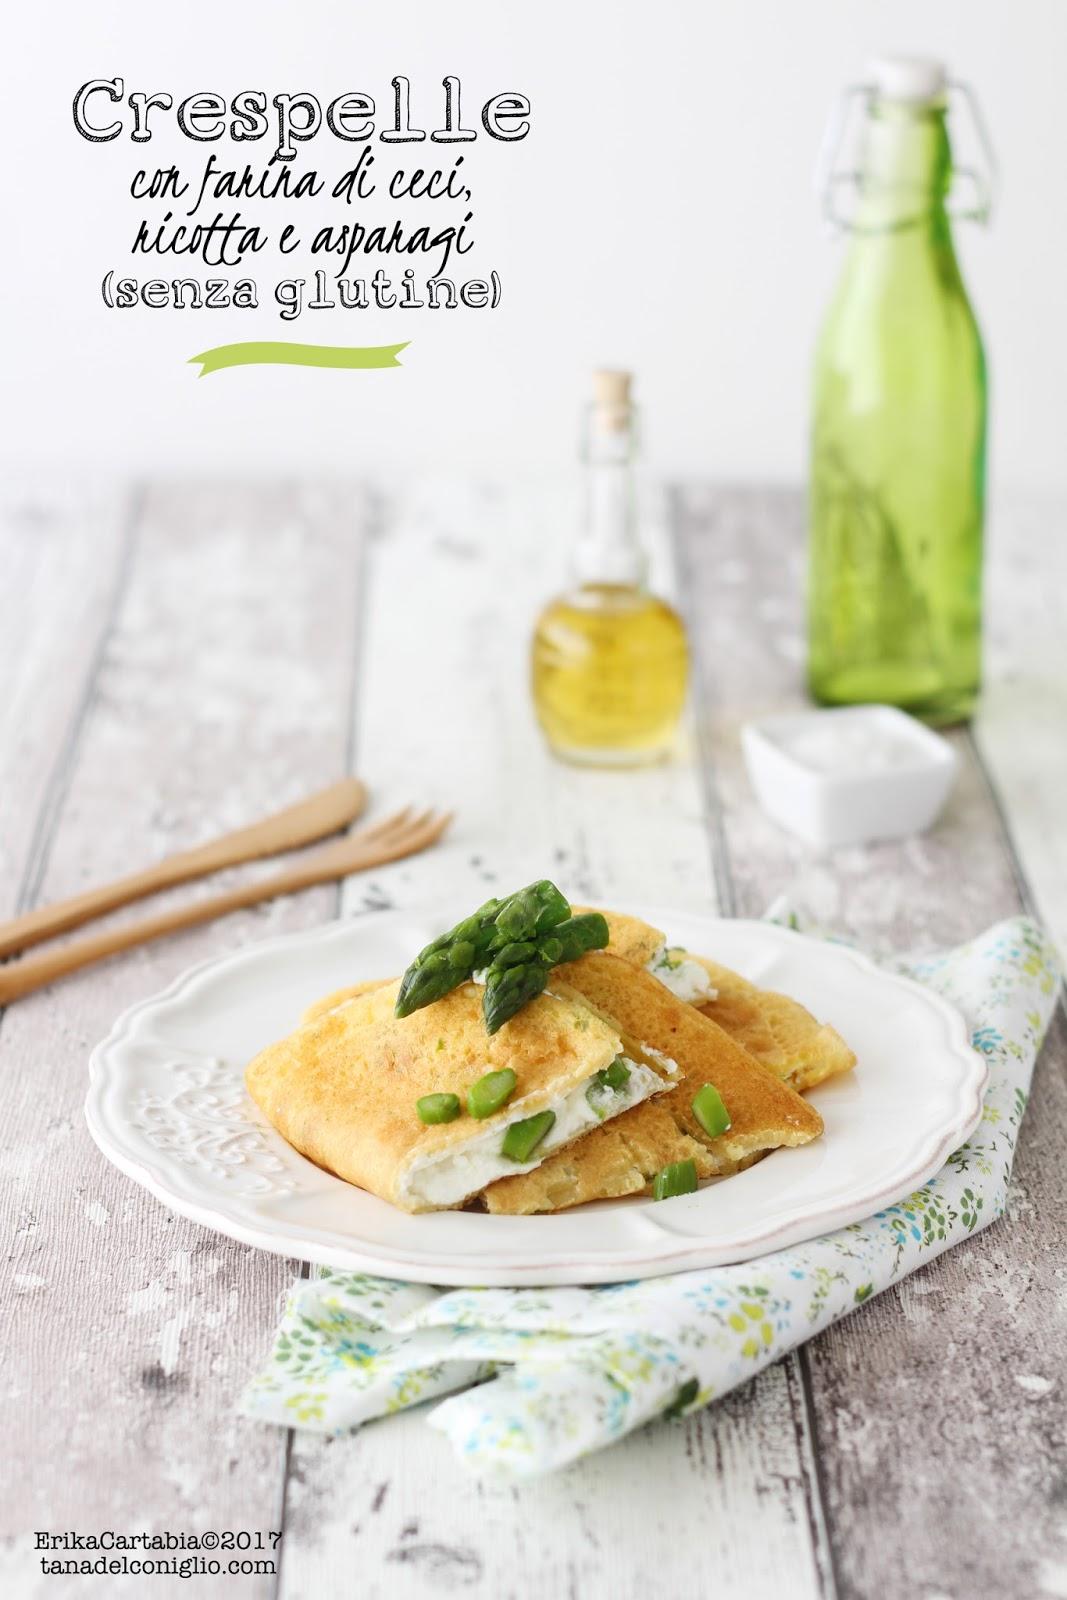 Ricetta crepes salate farina di ceci